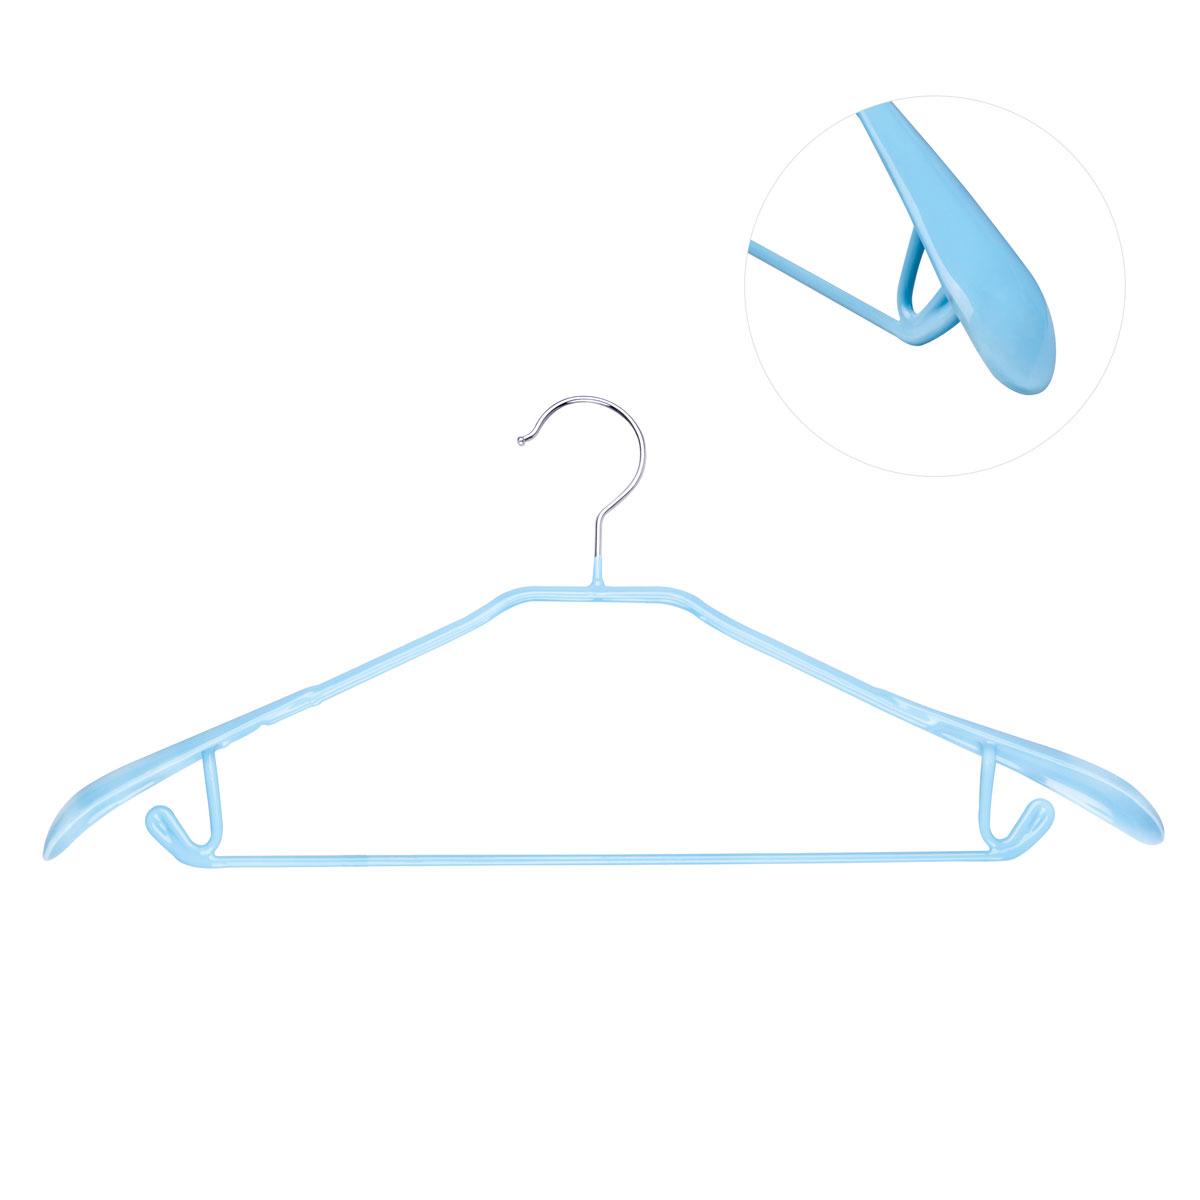 Вешалка для брюк Miolla, цвет: голубой, длина 43 см2511046 TB2Вешалка для брюк Miolla выполнена из металла со специальным резиновым покрытием. Такое покрытие исключает случайное повреждение одежды и ее соскальзывание. Изделие оснащено перекладиной, расширенными плечиками и крючками для юбок и брюк.Вешалка Miolla станет практичным и полезным аксессуаром в вашем гардеробе.Длина: 43 см.